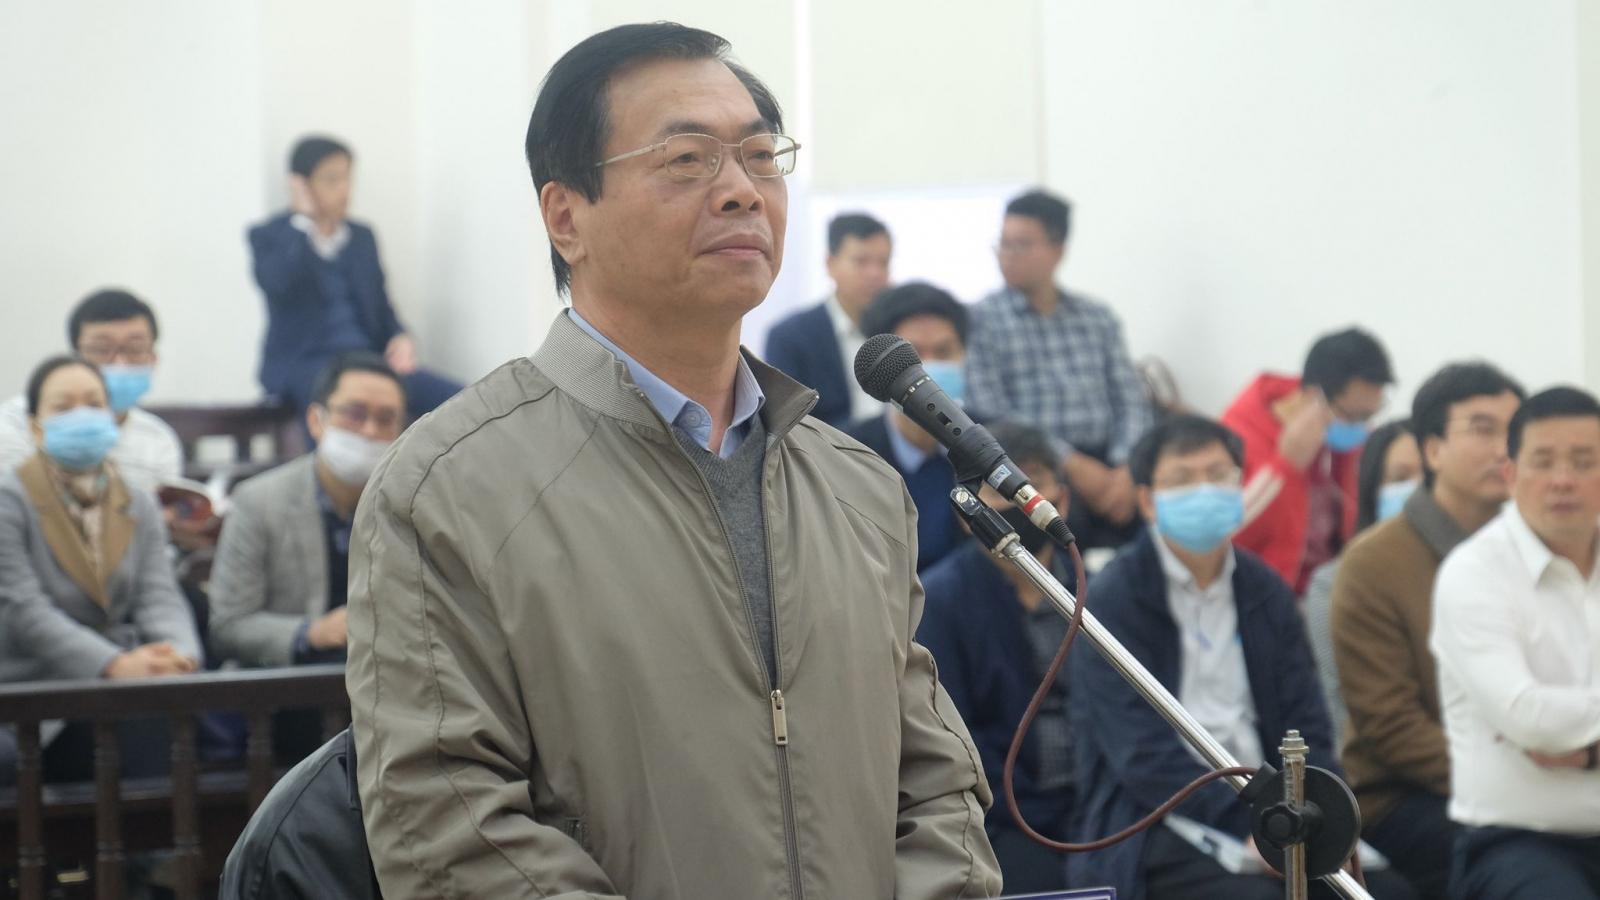 Hoãn phiên xét xử cựu Bộ trưởng Vũ Huy Hoàng và 9 đồng phạm